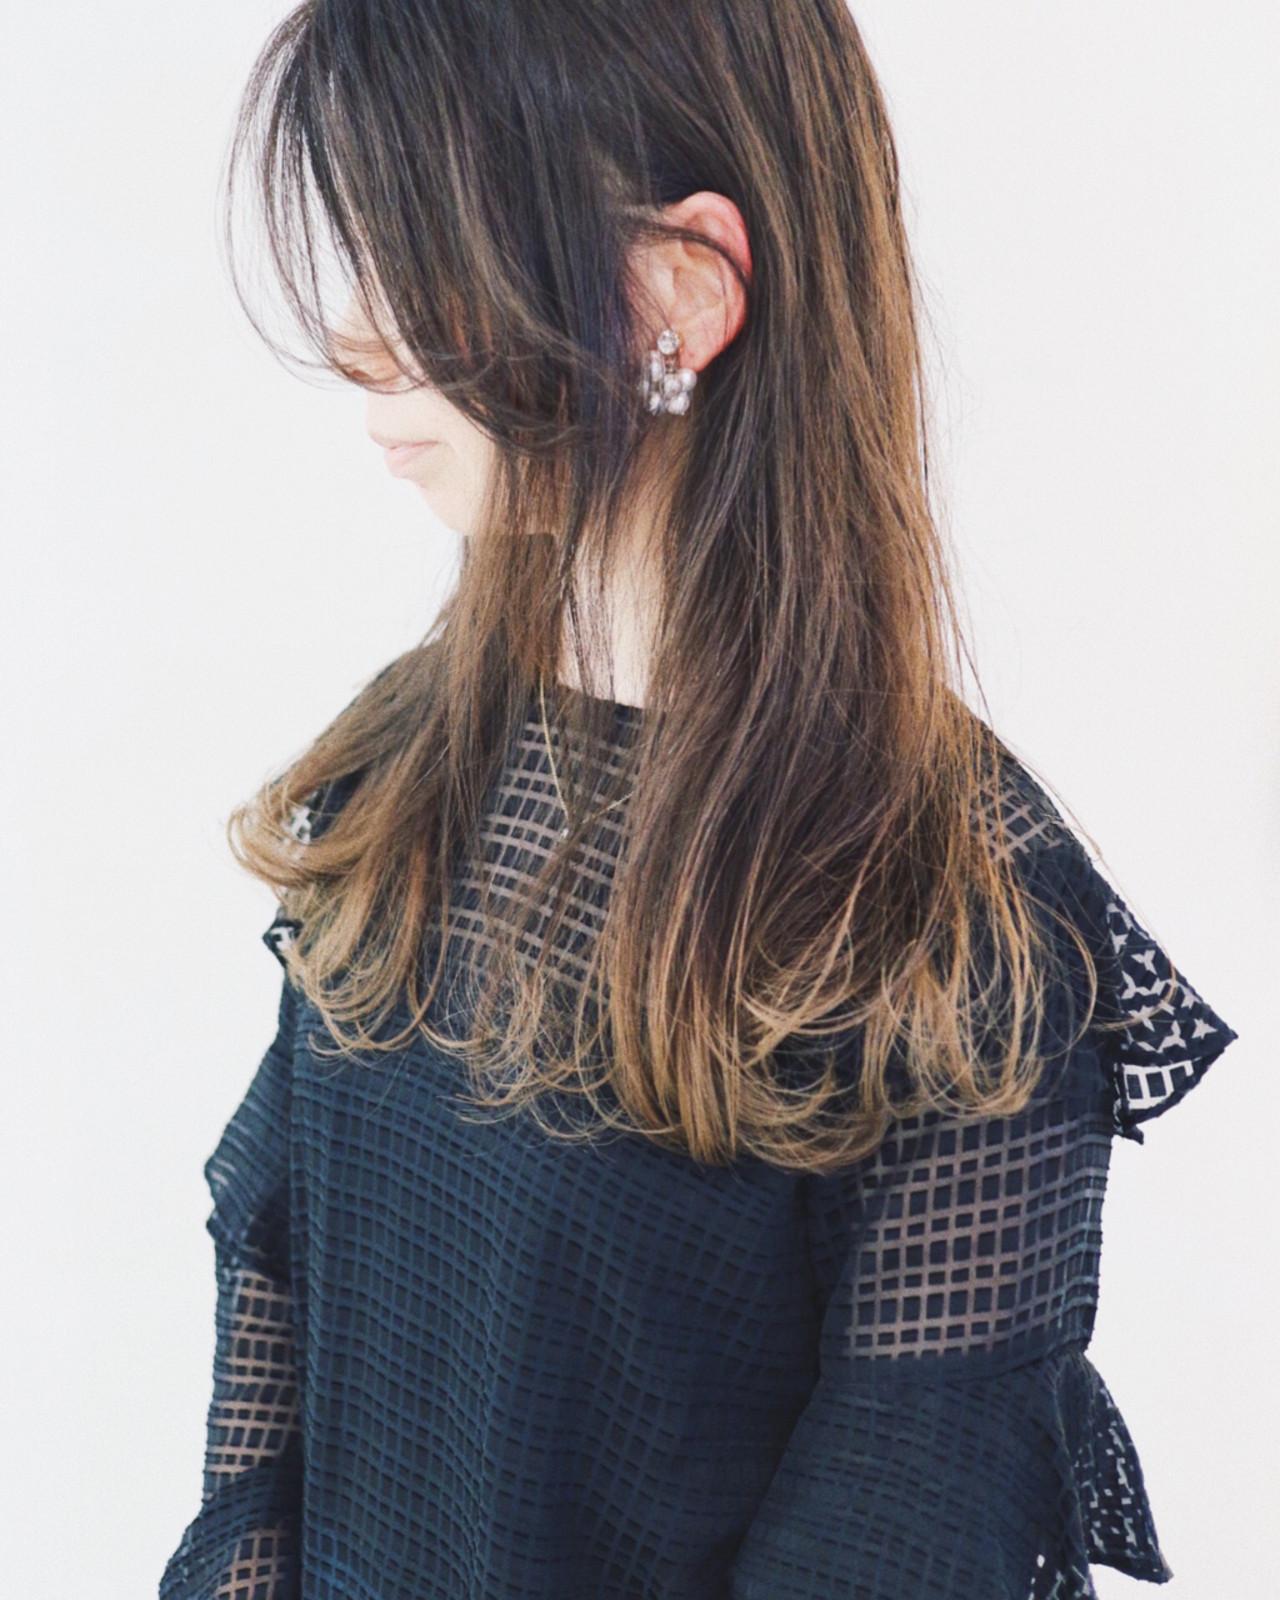 ゆるふわ バレイヤージュ セミロング ハイライト ヘアスタイルや髪型の写真・画像 | 三好 佳奈美 / Baco.(バコ)